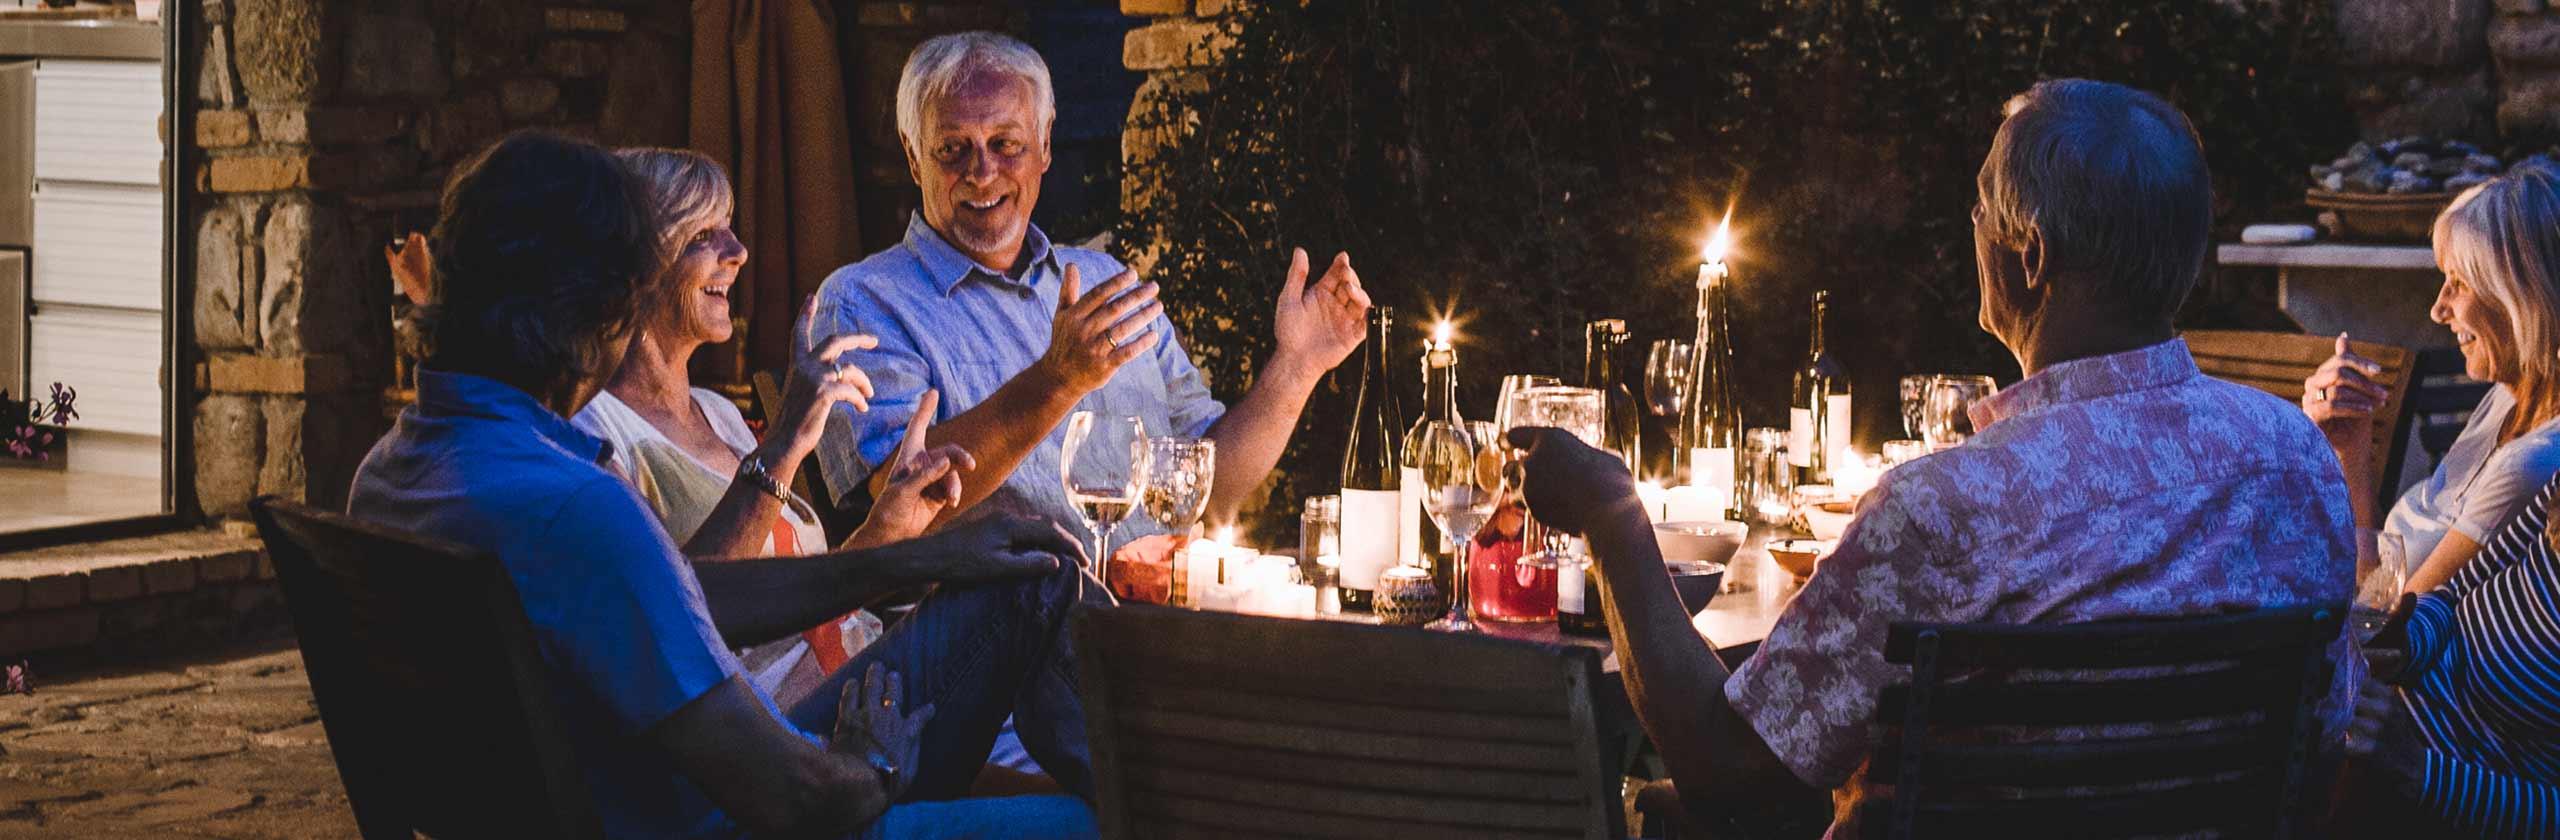 Persone riunite attorno a un tavolo mentre cenano all'aperto